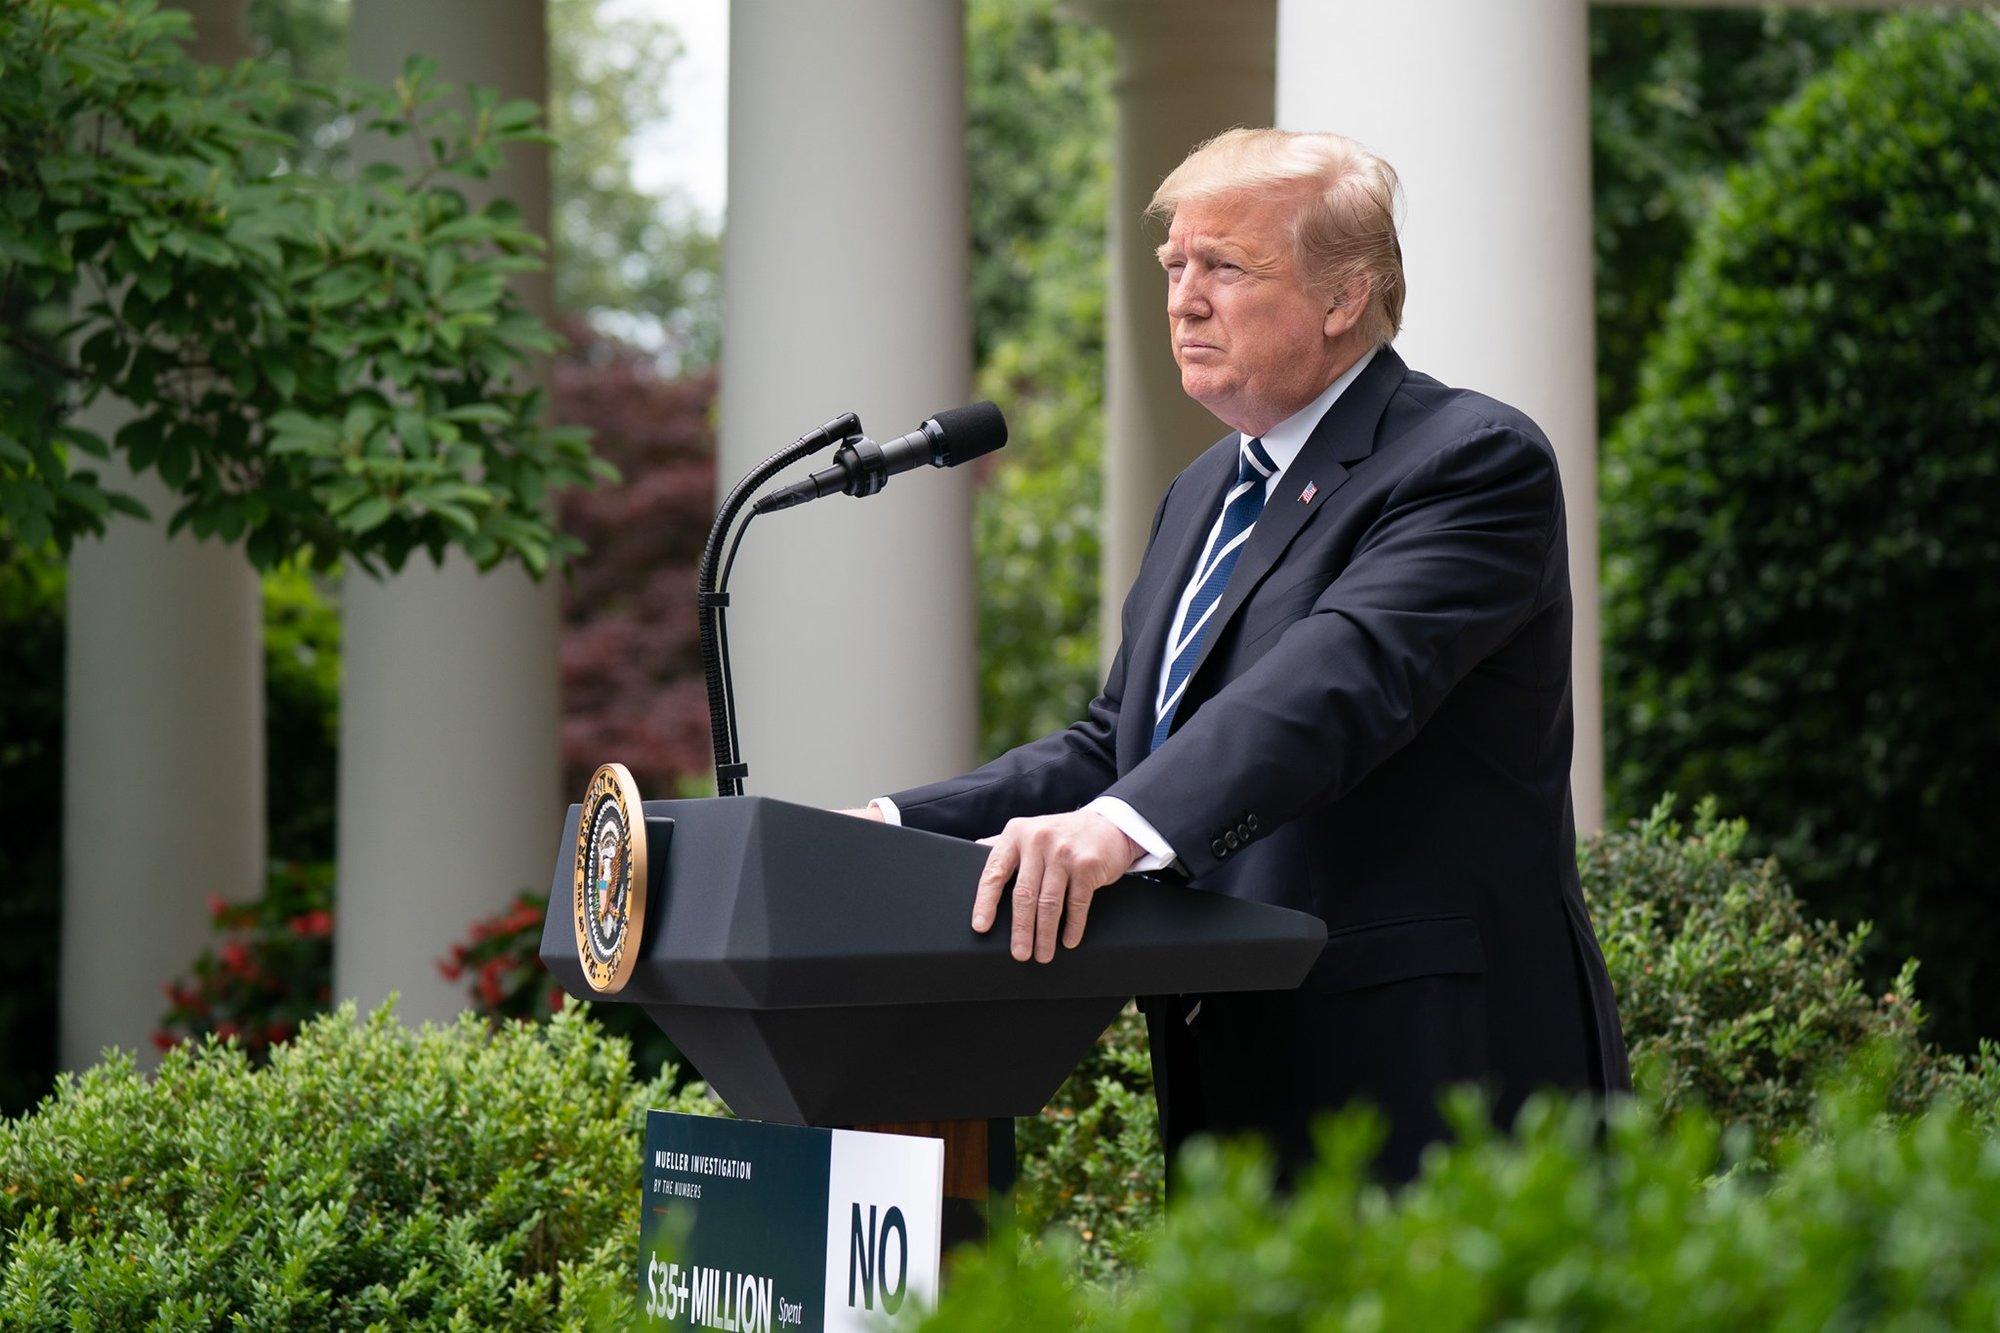 Nejvýše postavený americký generál Mark Milley podle chystané knihy novinářů Boba Woodwarda a Roberta Costy dvakrát tajně zavolal svému čínskému protějšku kvůli obavám, že by tehdejší prezident USA Donald Trump mohl rozpoutat válku s Čínou. Poté, co Trump prohrál volby, pak generál údajně podnikl sérii kroků, aby mu zabránil v případném použití jaderného arzenálu. Milley dnes prohlásil, že civilní vedení armády nikdy neobcházel, a Bílý dům následně v prohlášení uvedl, že prezident Joe Biden generálovi nadále plně důvěřuje.